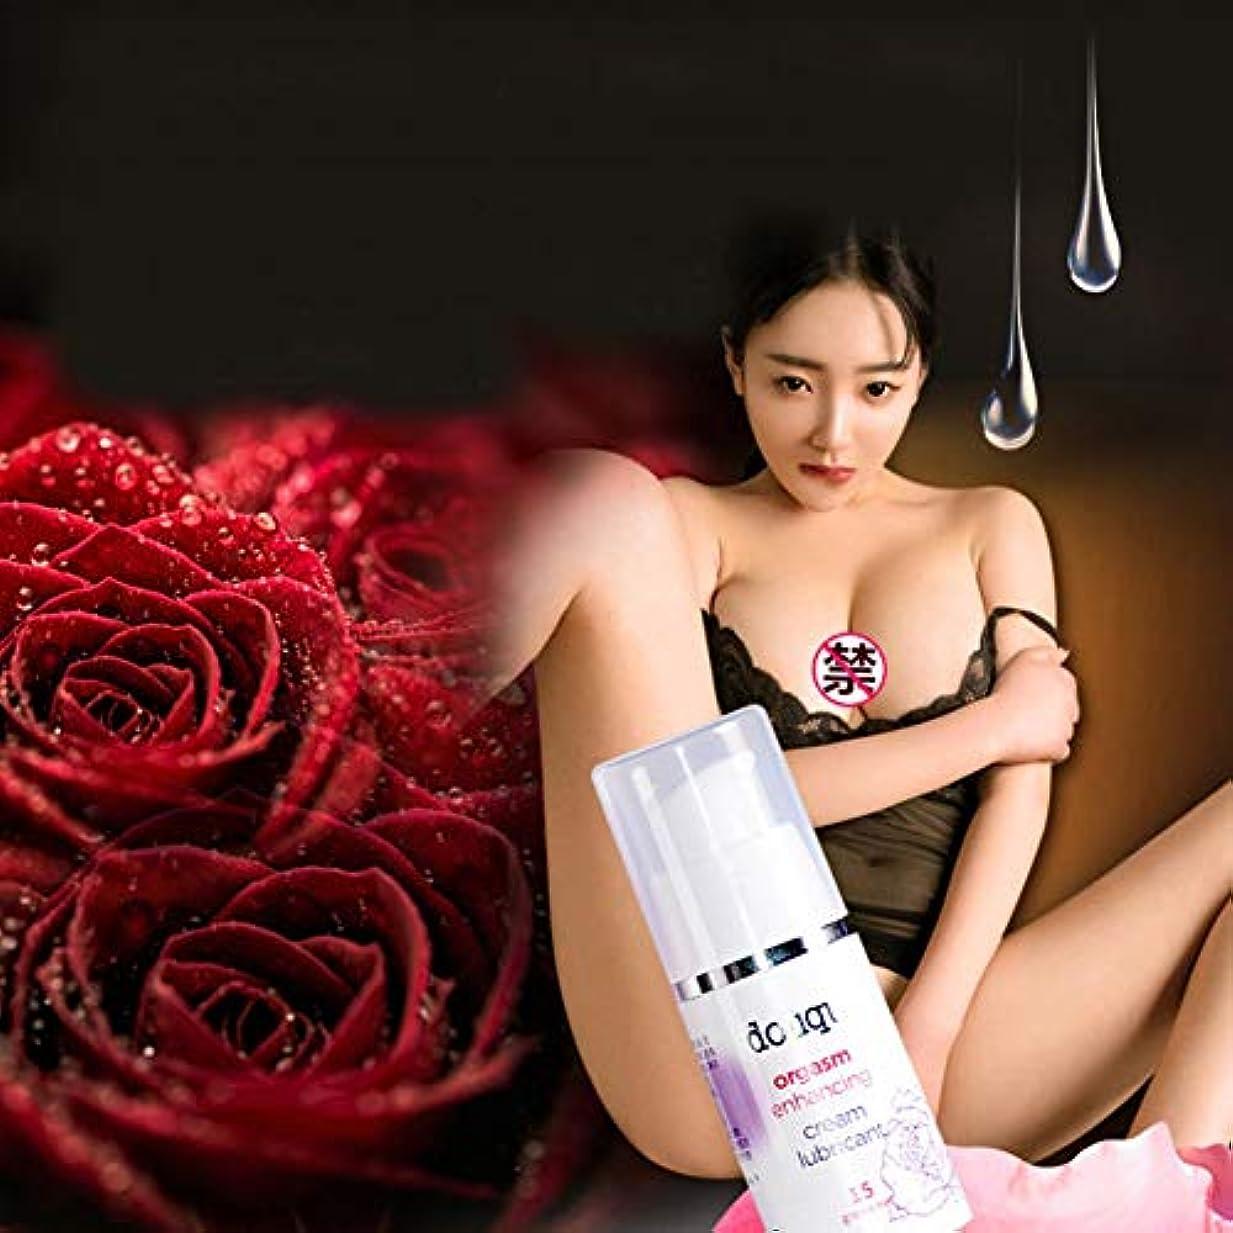 オンコンプリート汚れるBalai 女性のための性的オーガズム強化潤滑剤 クリーム性的快感強化製品